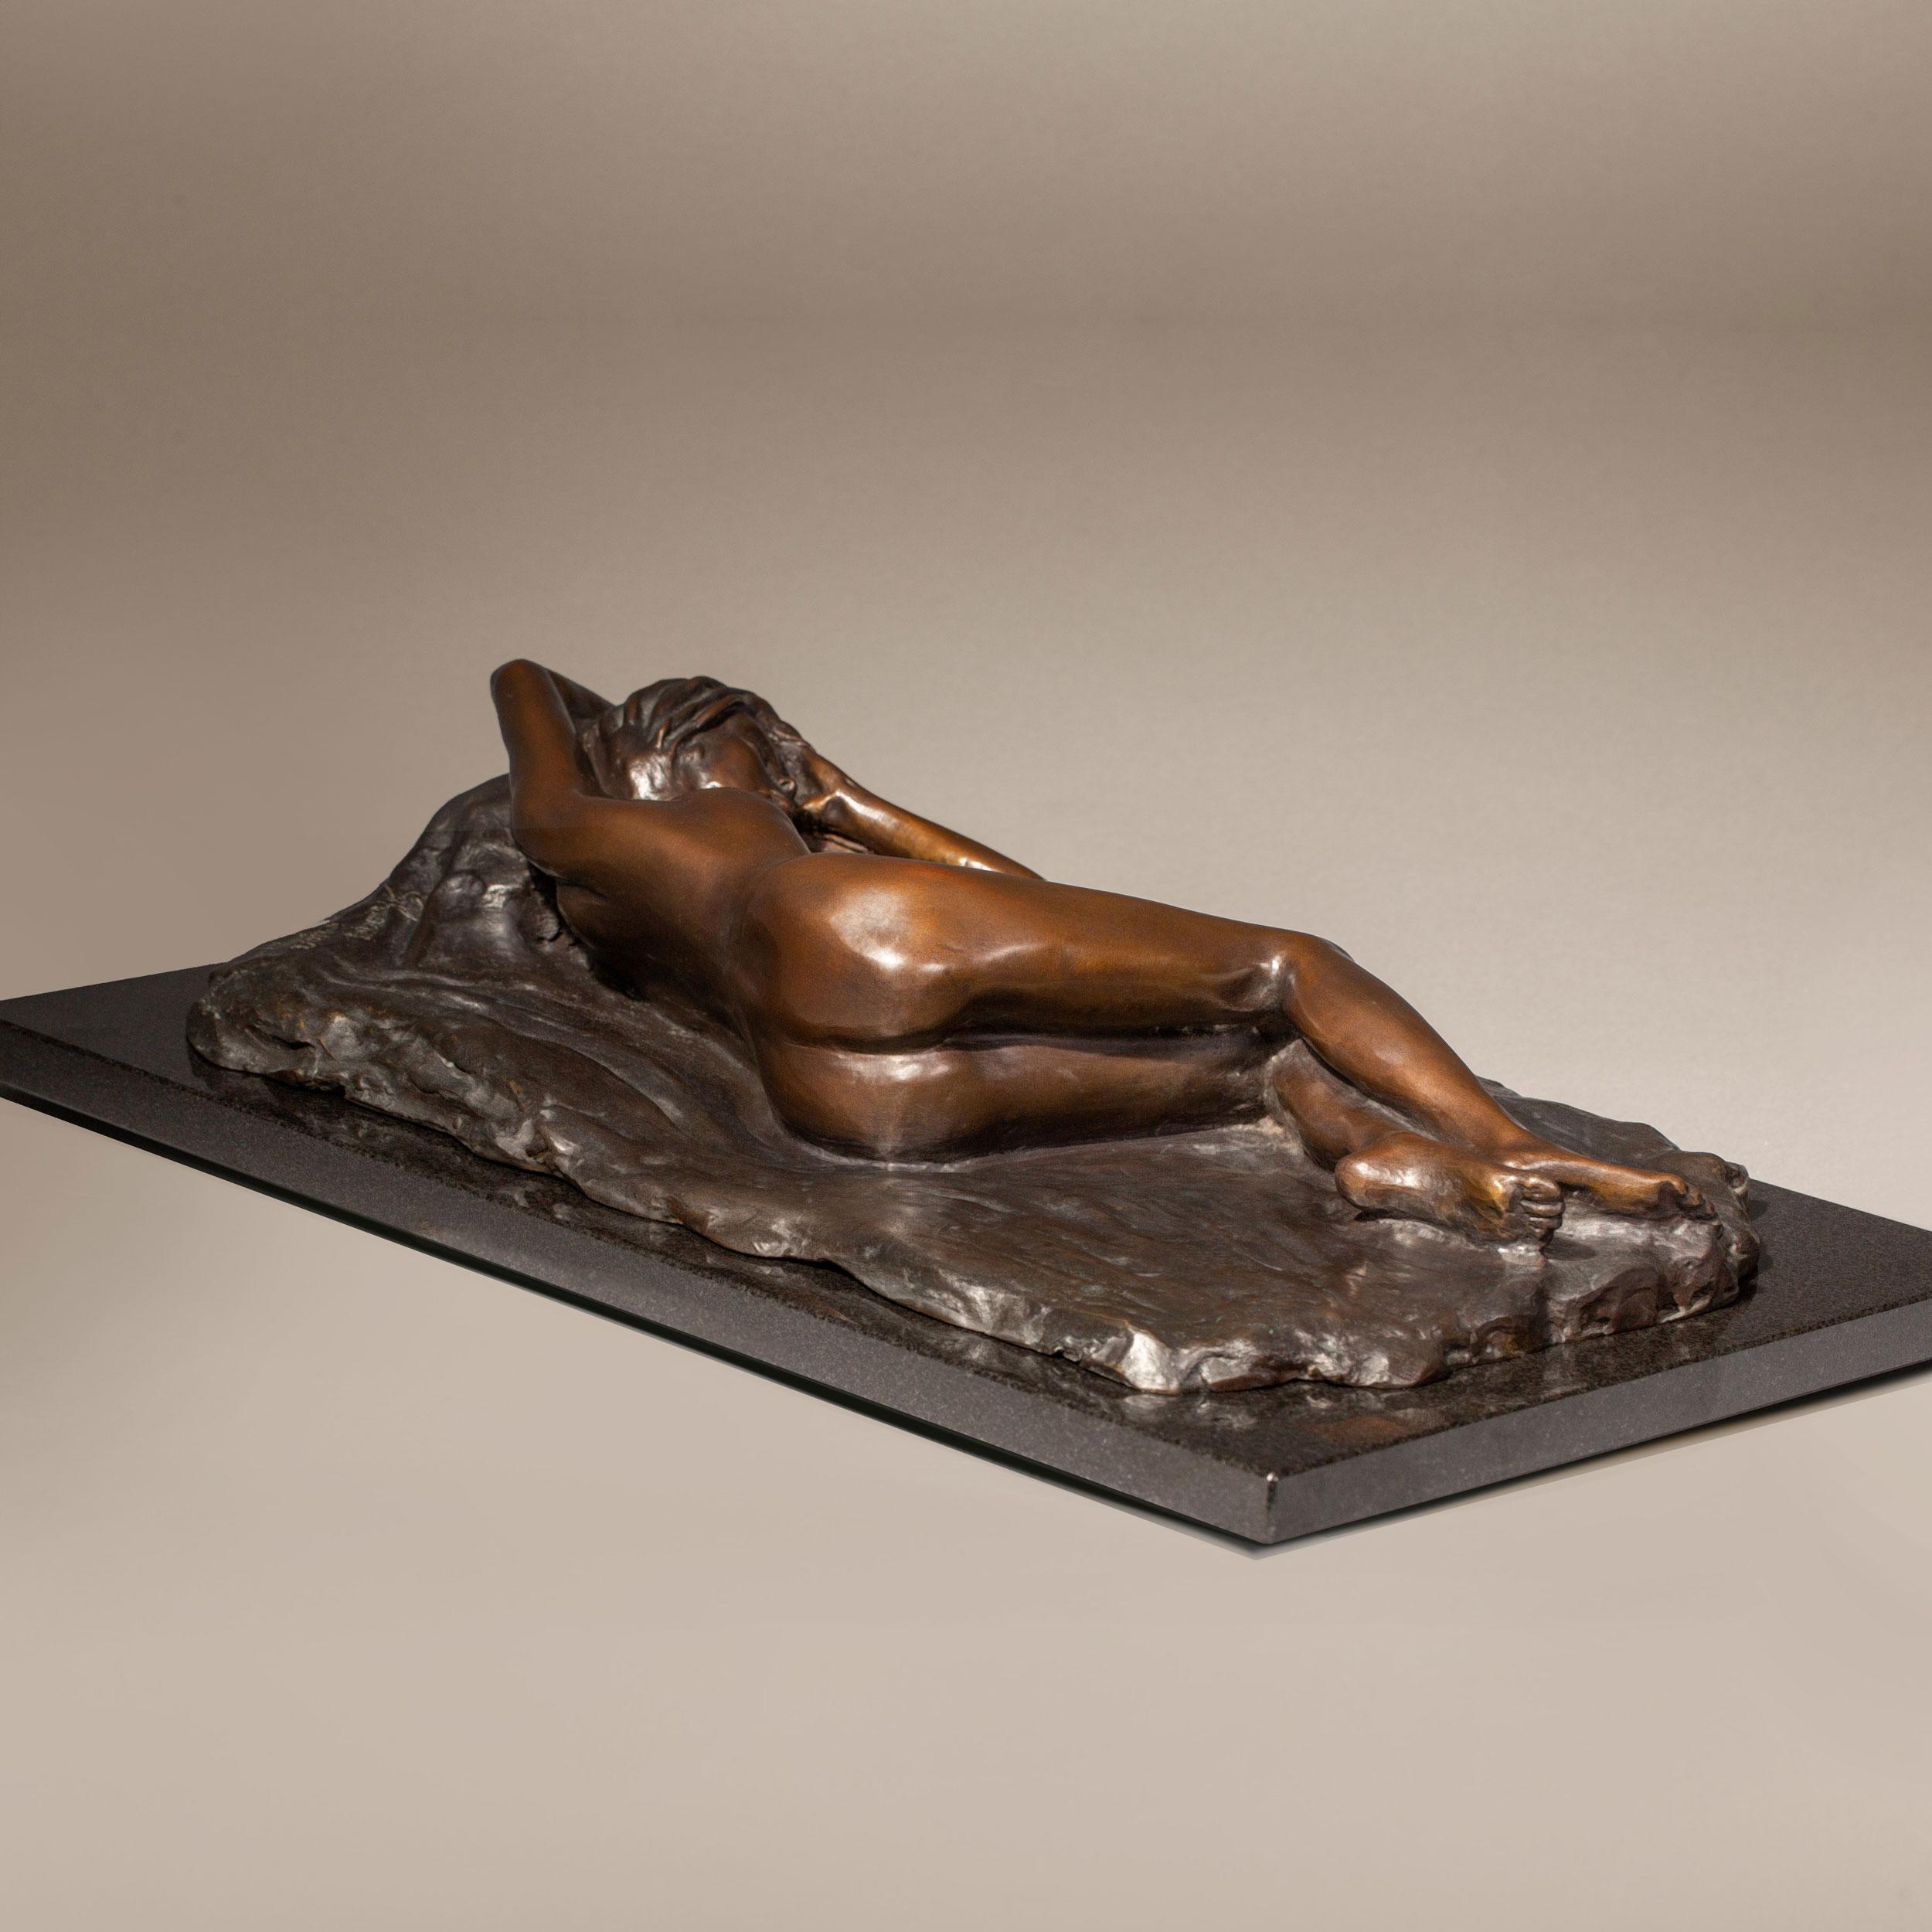 sculptures00853.jpg